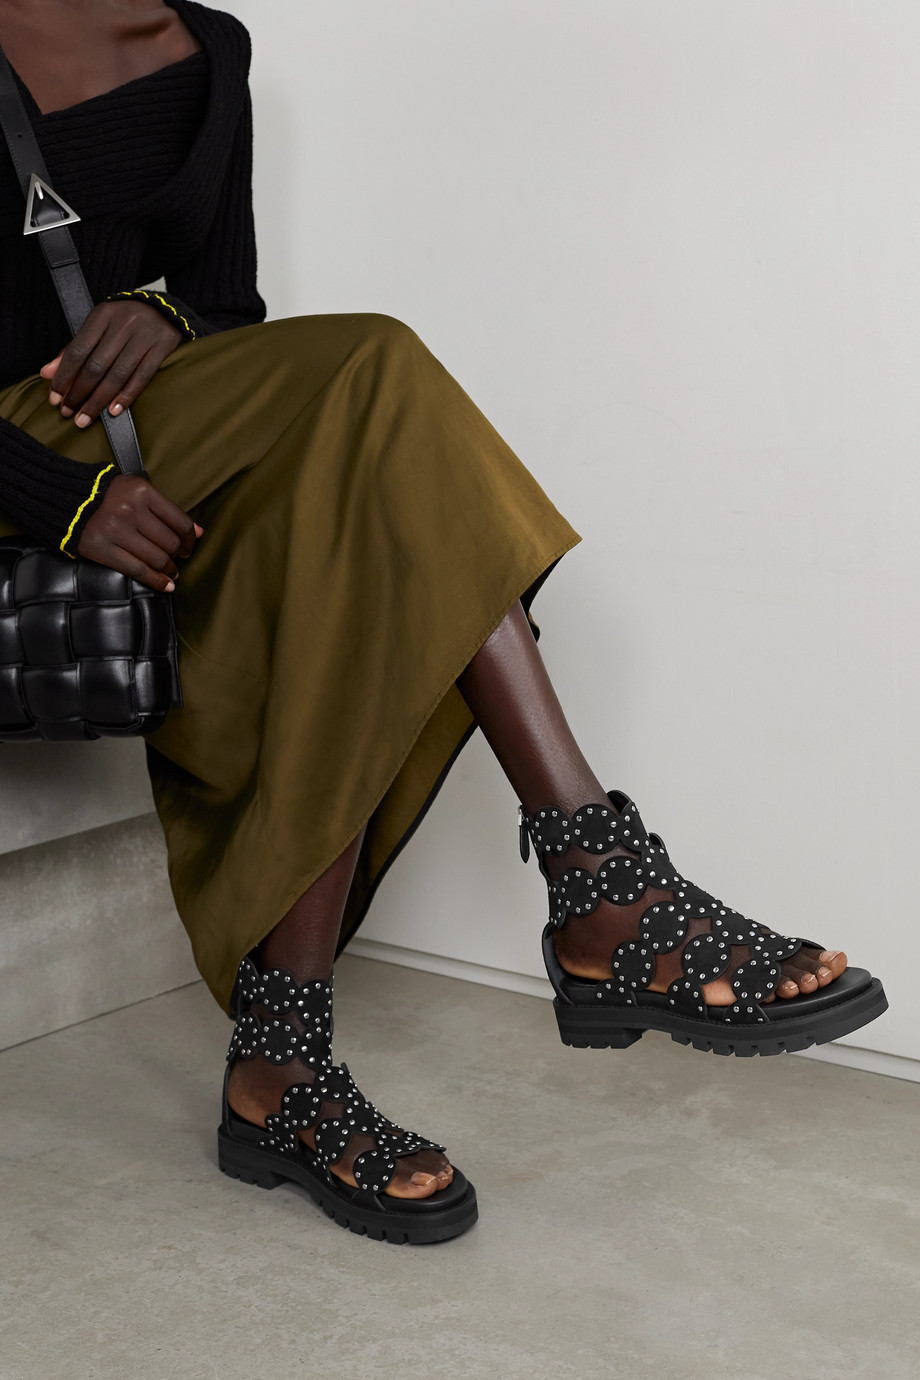 Alaïa 35 studded suede sandals